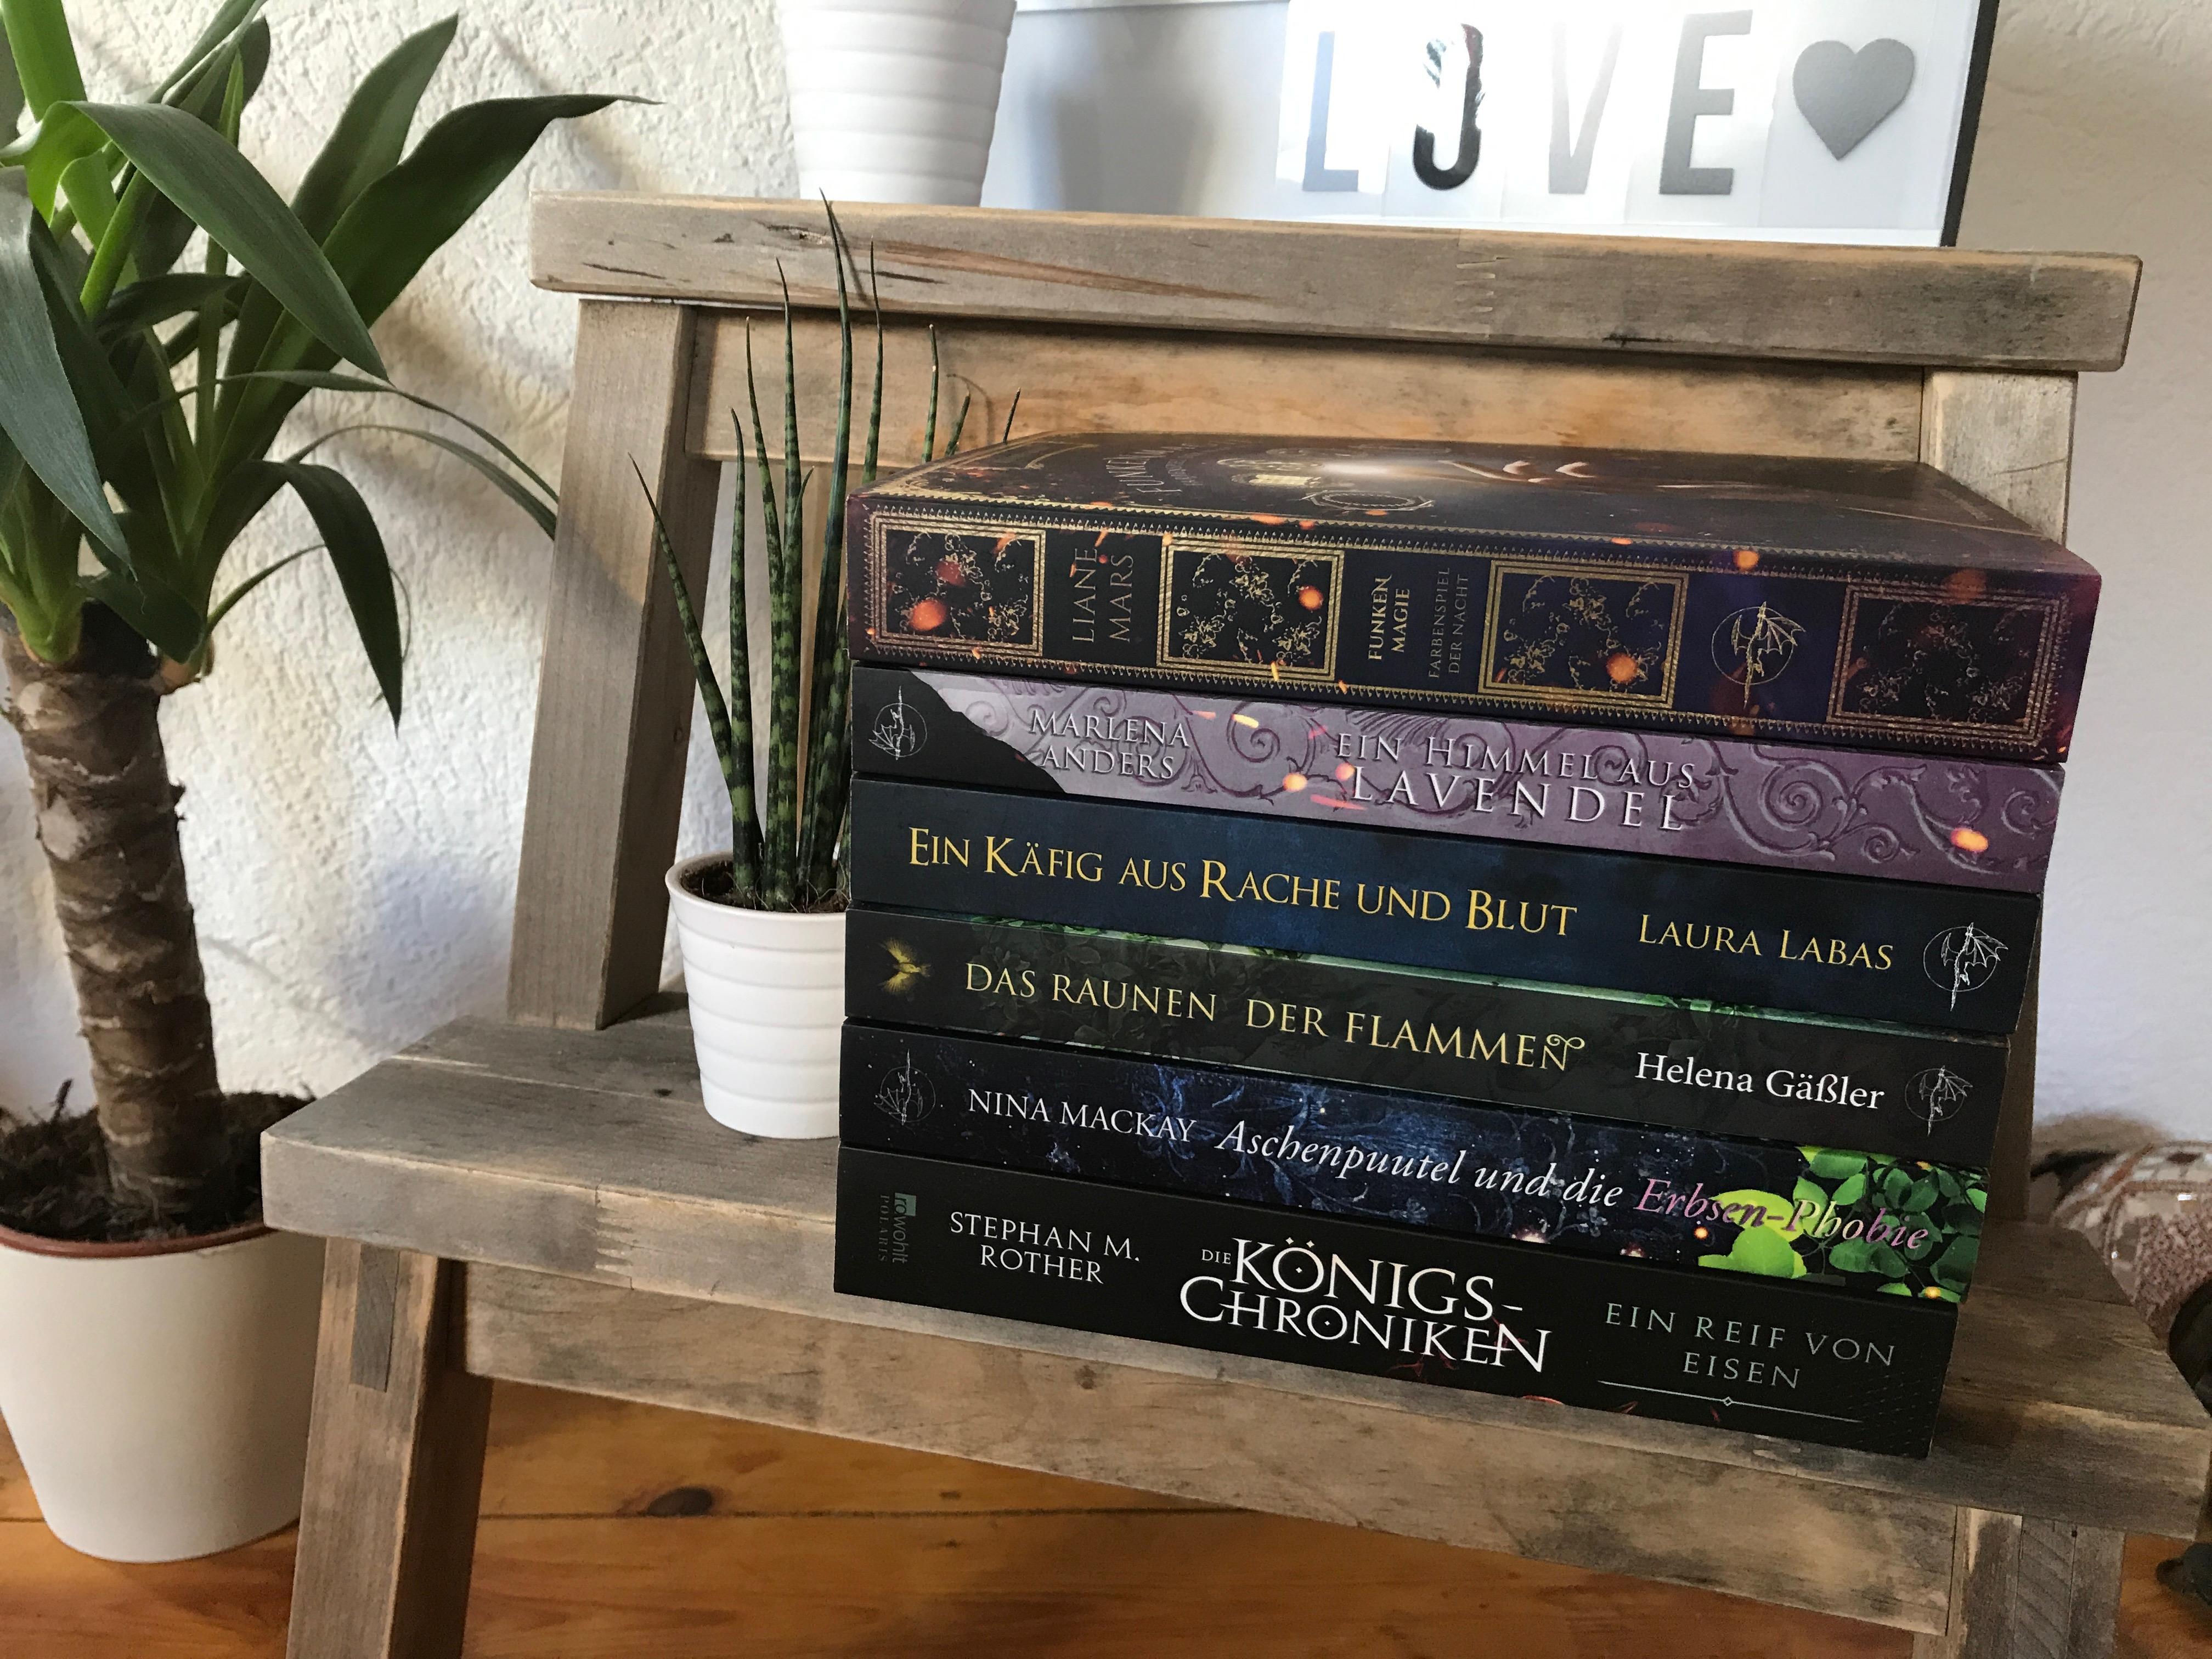 Bücherstapel auf Hocker neben zwei Pflanzen